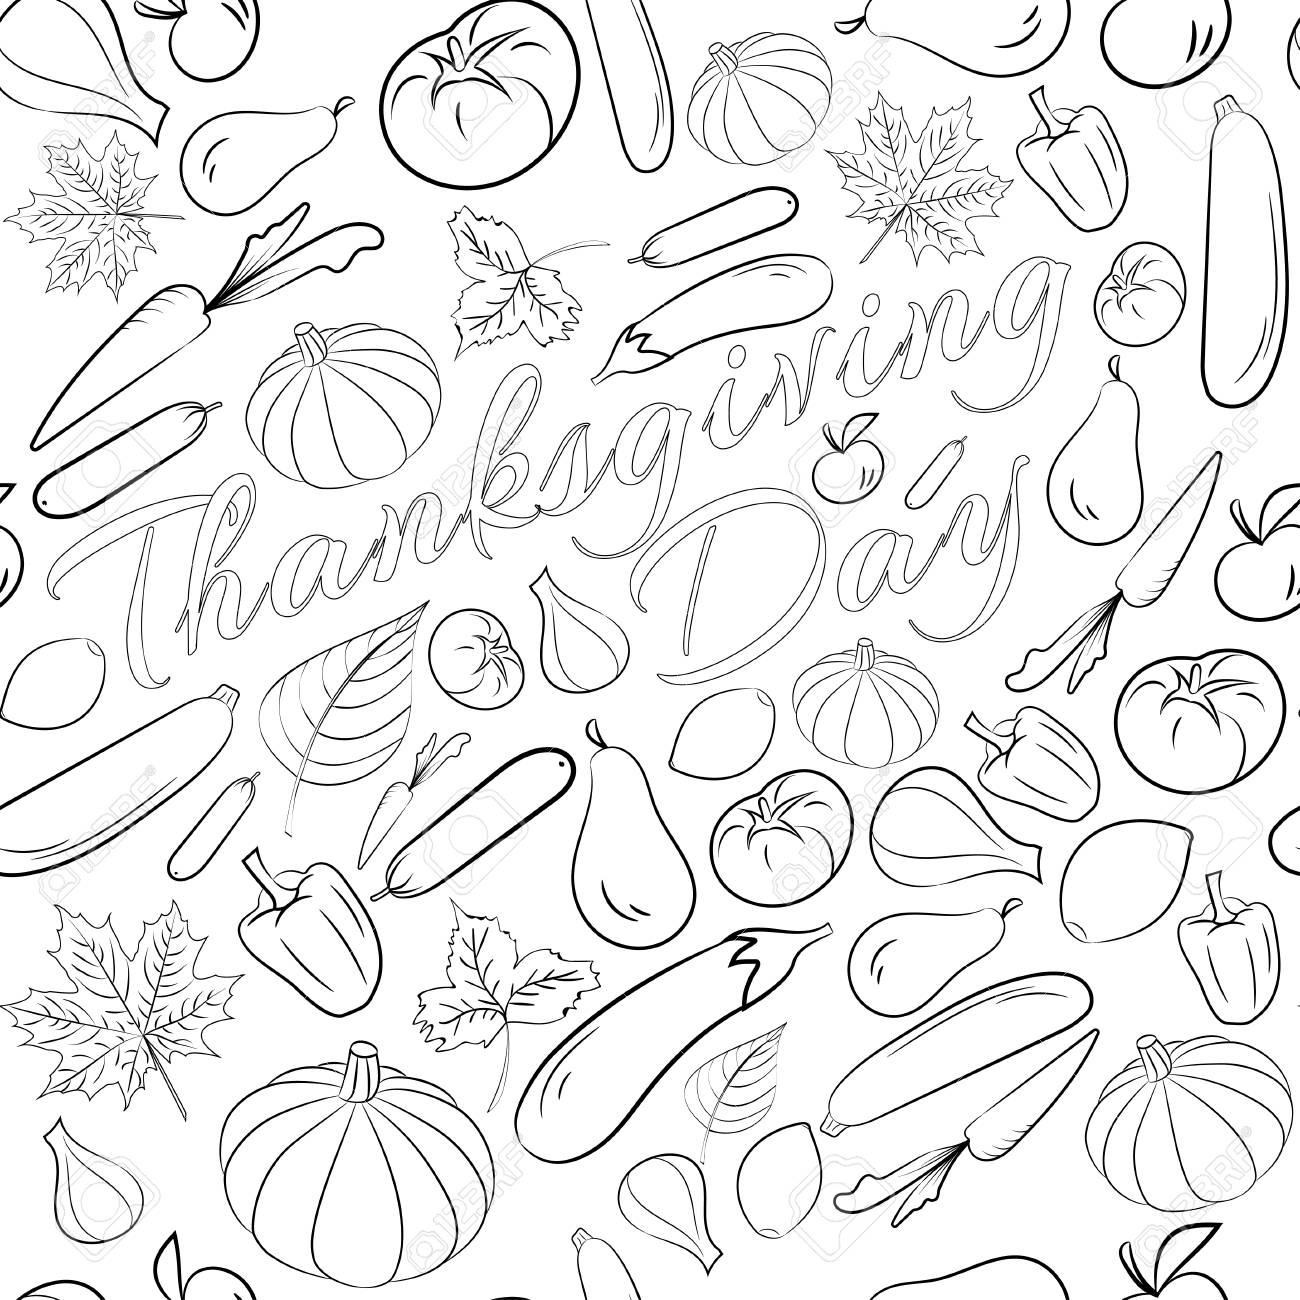 Otoño Gráfico De Patrones Sin Fisuras Con Frutas Y Verduras En Colores Blanco Y Negro Diseño Del Día De Acción De Gracias Del Vector Diseño De